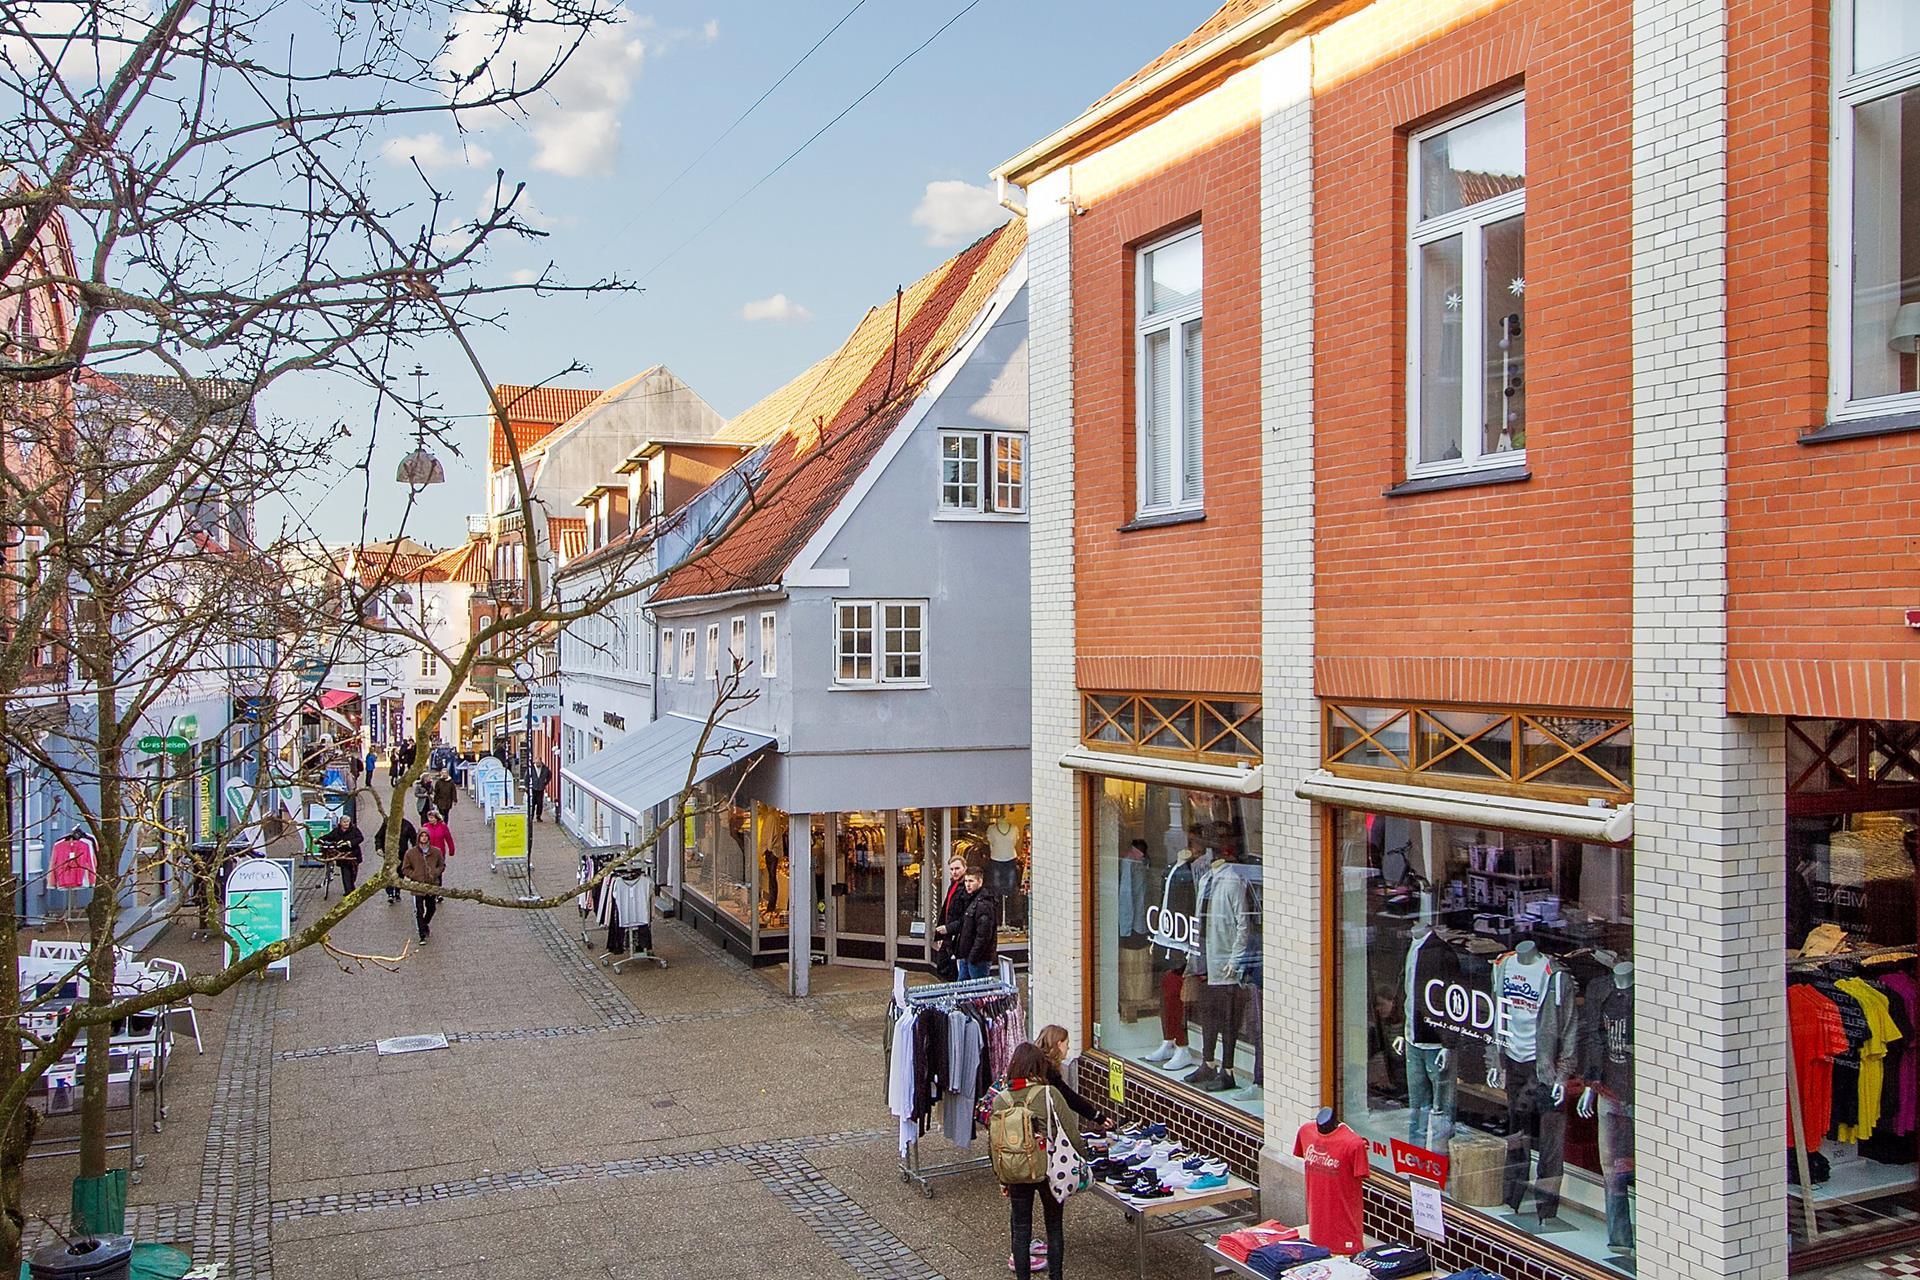 Bolig/erhverv på Bispegade i Haderslev - Gade